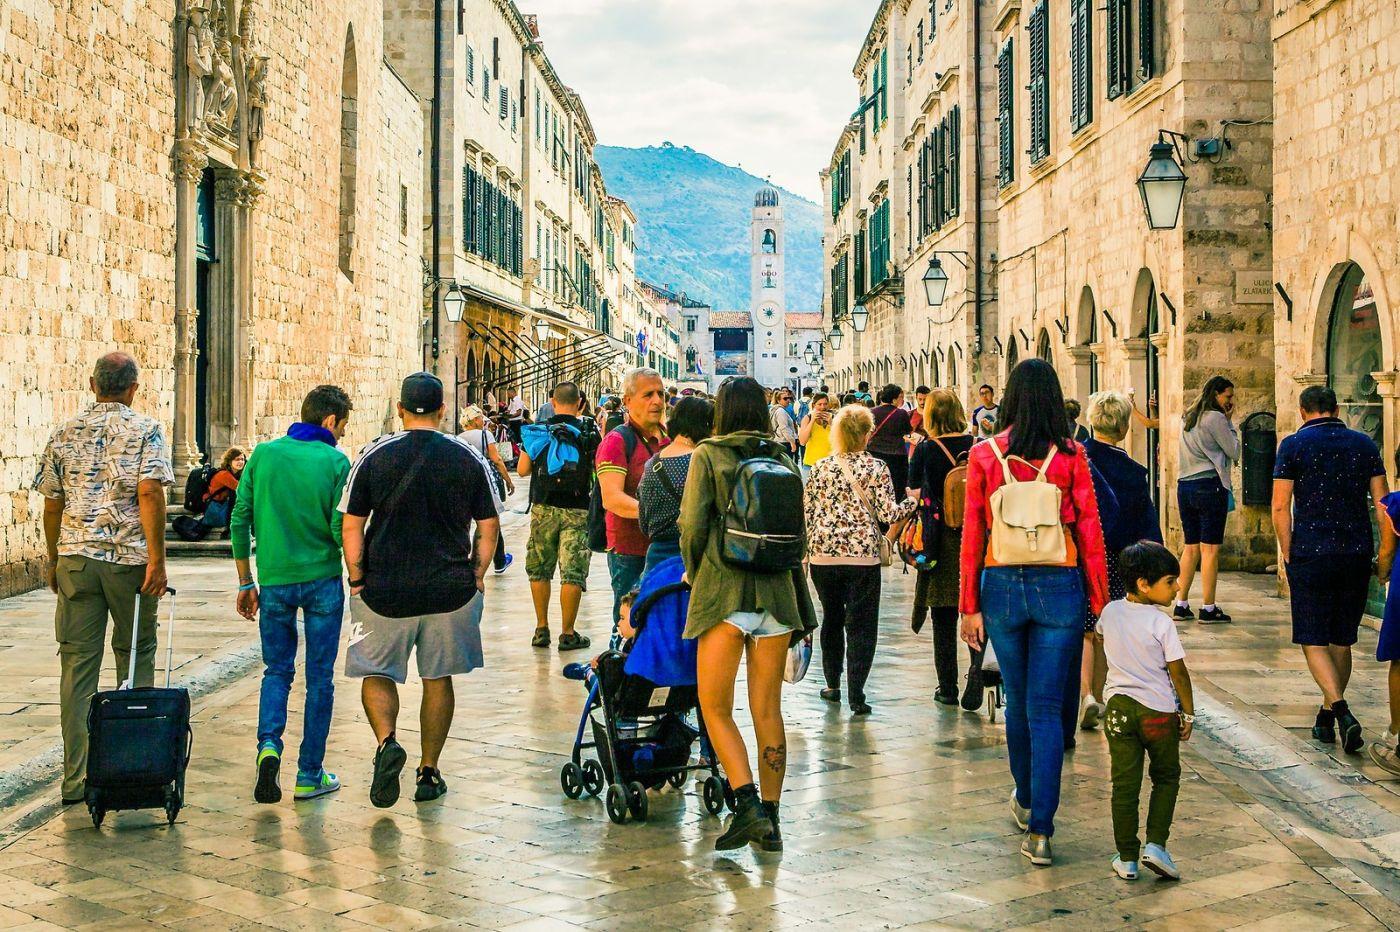 克罗地亚杜布罗夫尼克(Dubrovnik),古城小巷_图1-21